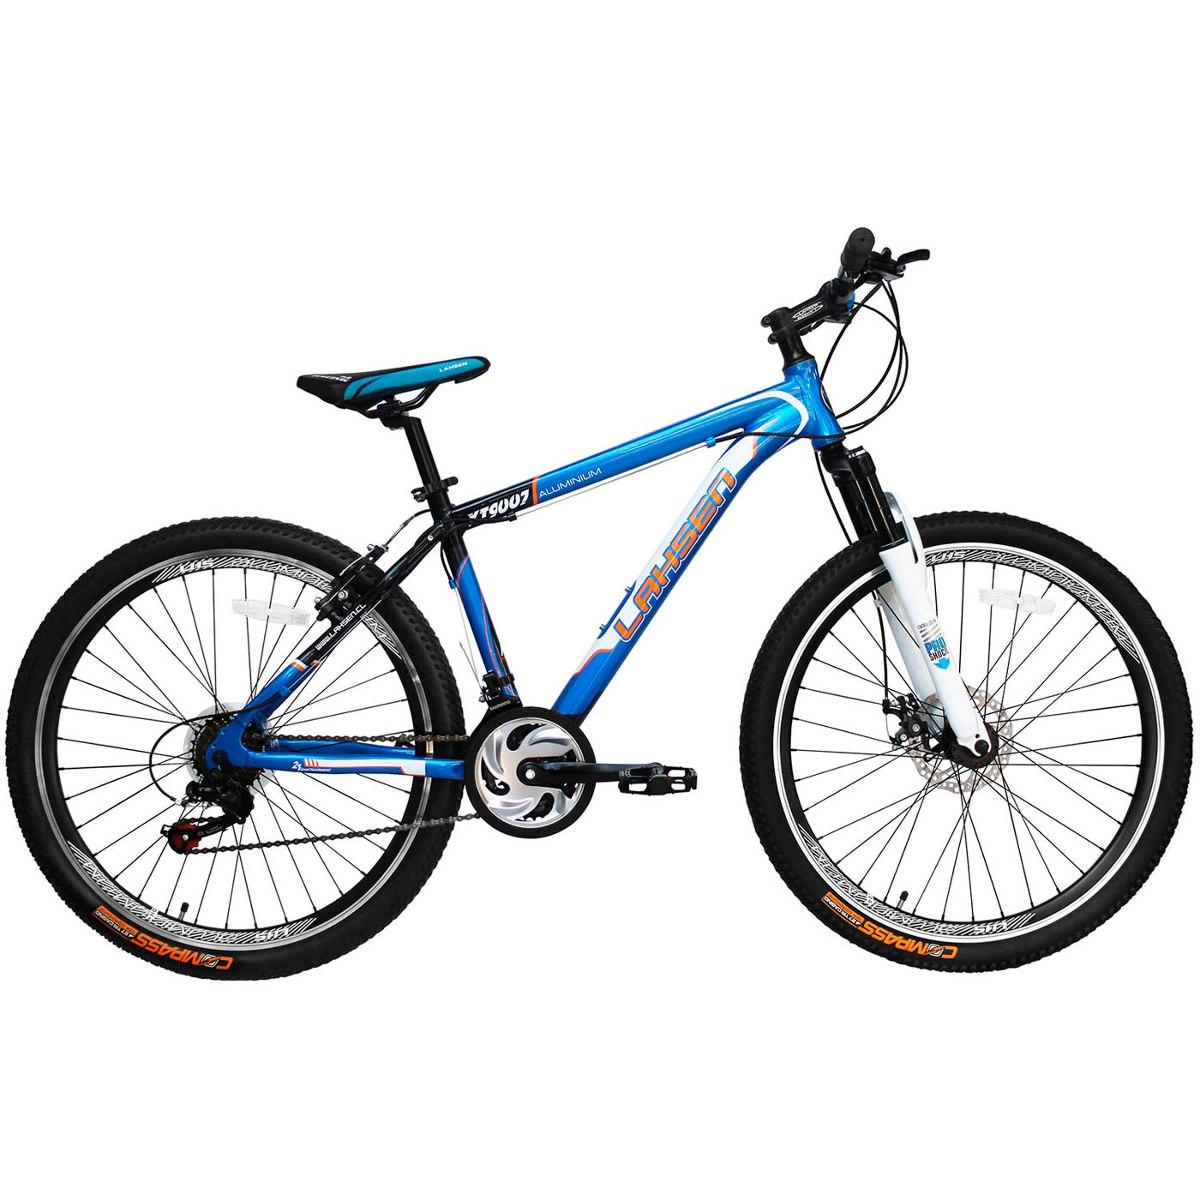 bicicleta lahsen xt 9007 mtb aro 26 aluminio color azul